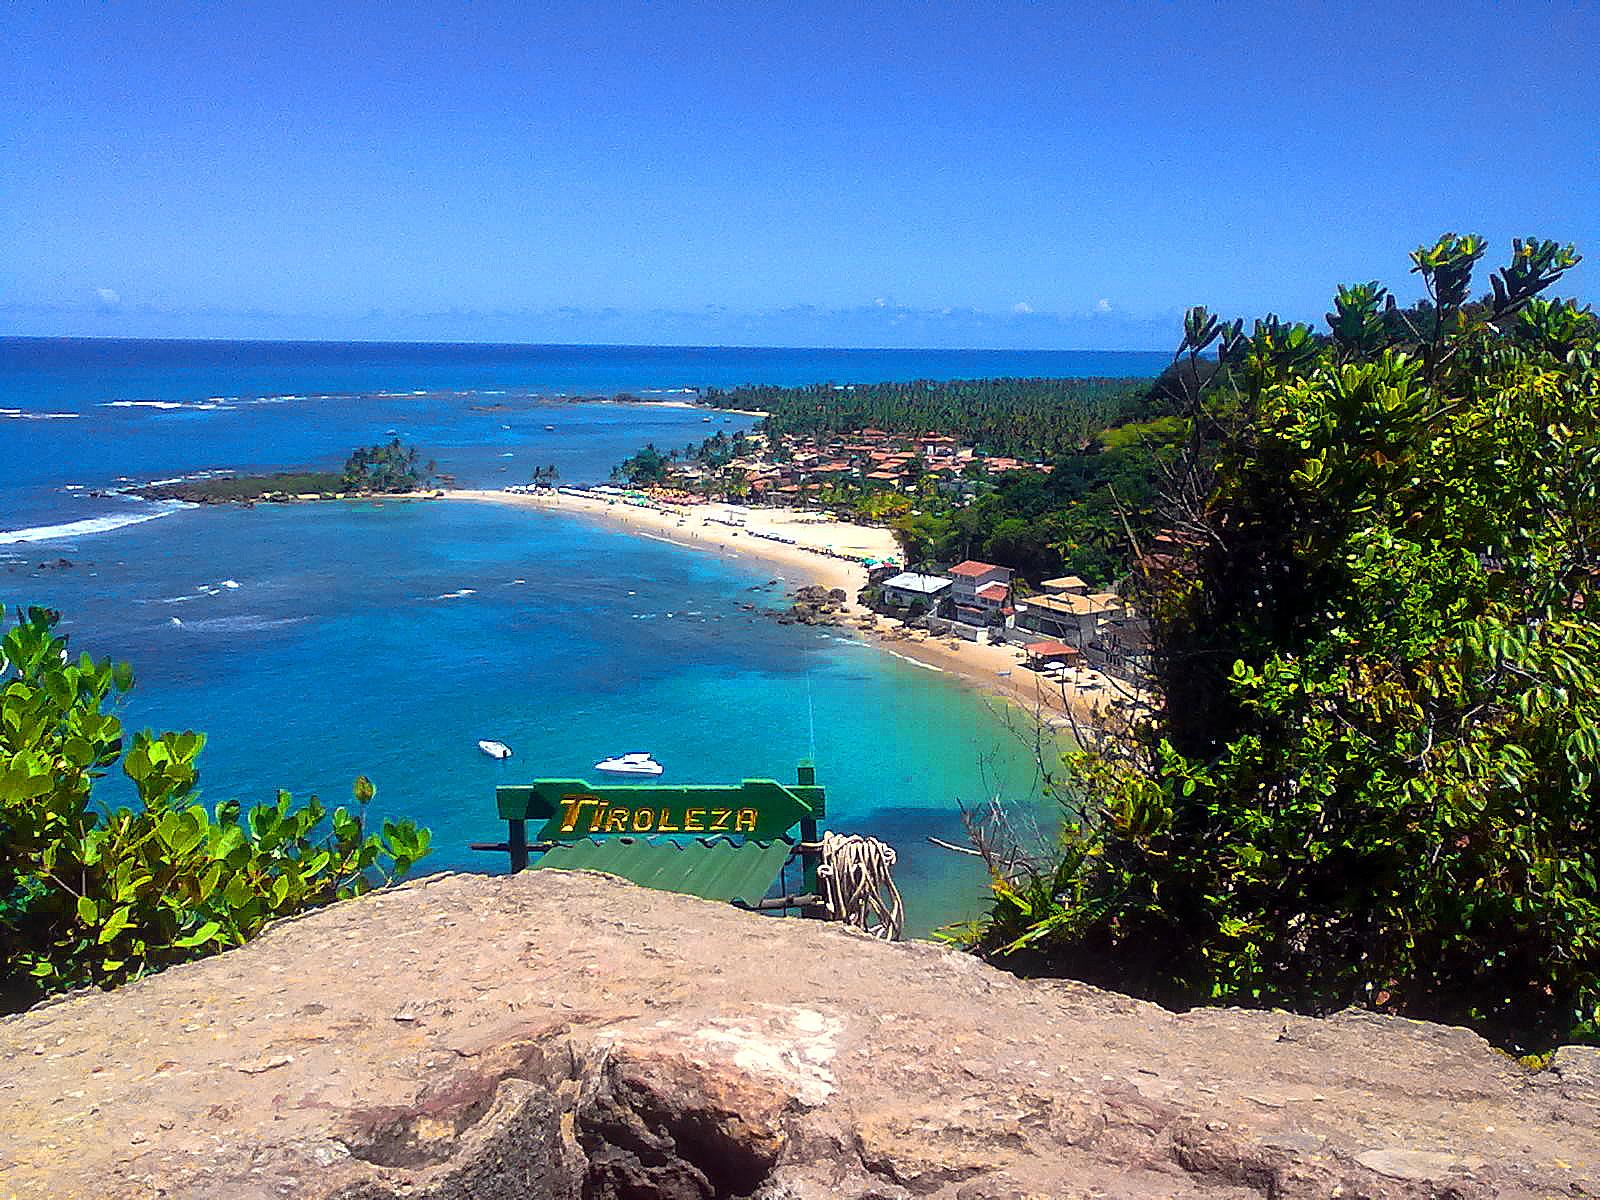 mirante da tiroleza com vista de cima da primeira e segunda praia